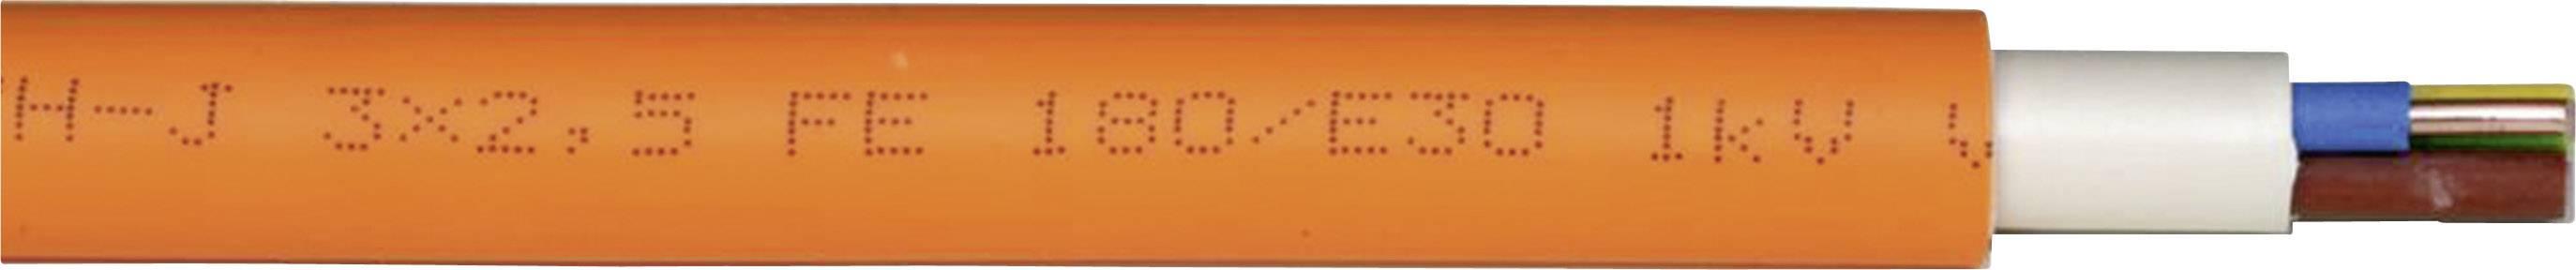 Kabel pro vysoké proudy Faber Kabel NHXHX FE180/E30 (011171), 3 x 2,5 mm², oranžová, 1 m